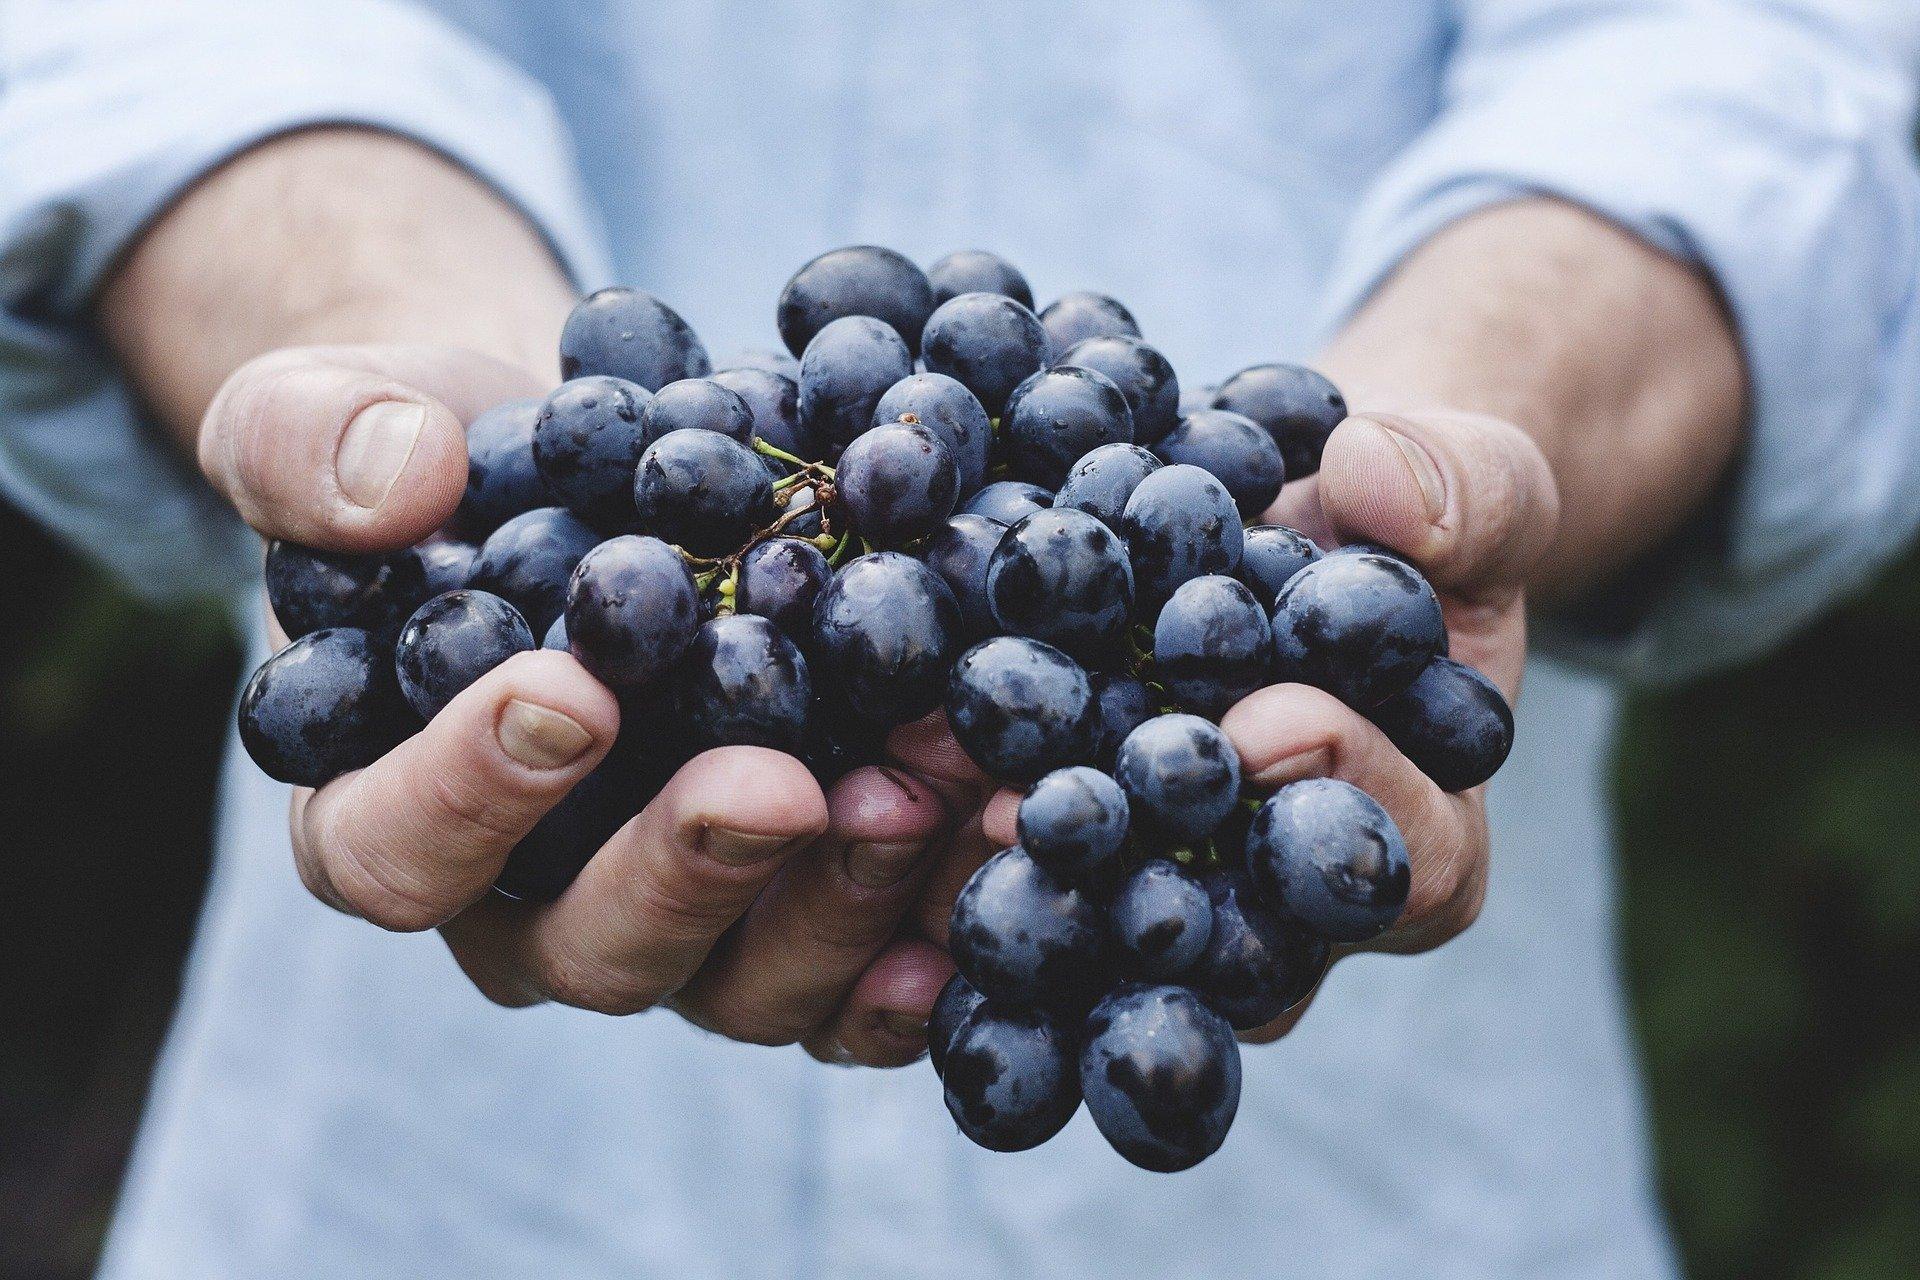 Polacy chętnie sięgają po wino, także z wyższej półki